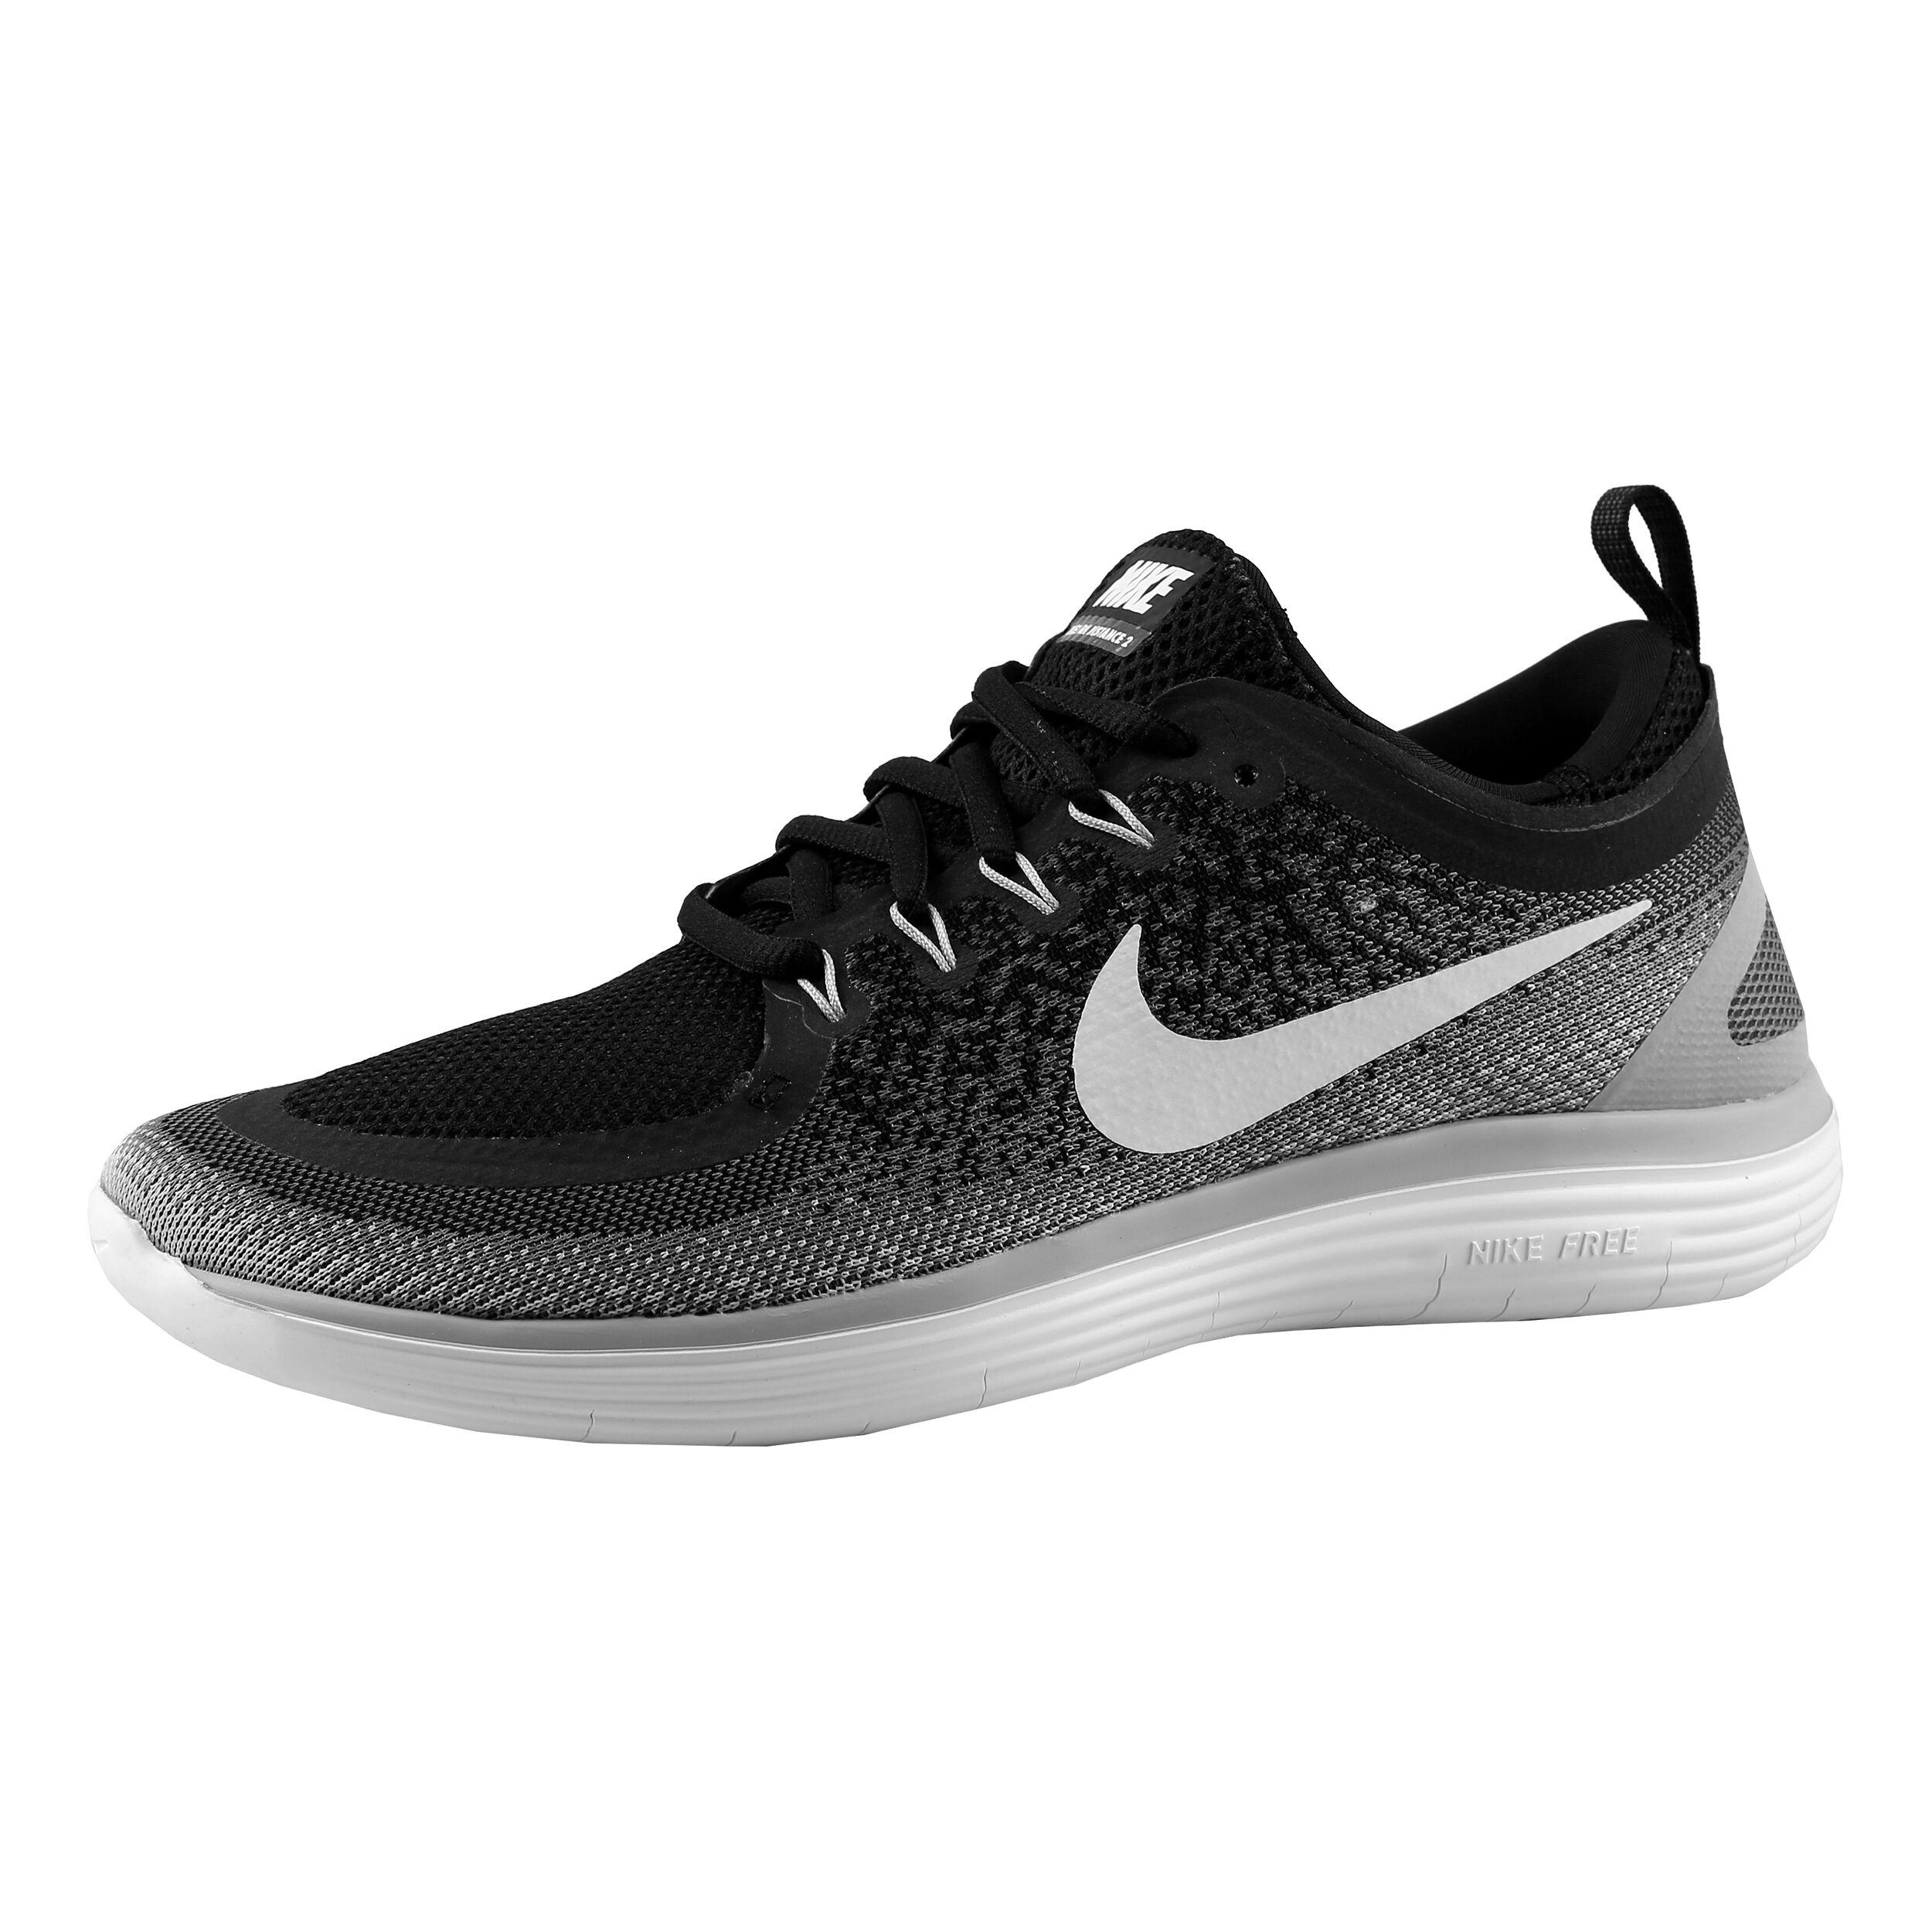 Nike Free Run Distance 2 Fitnessschoen Dames Zwart, Wit